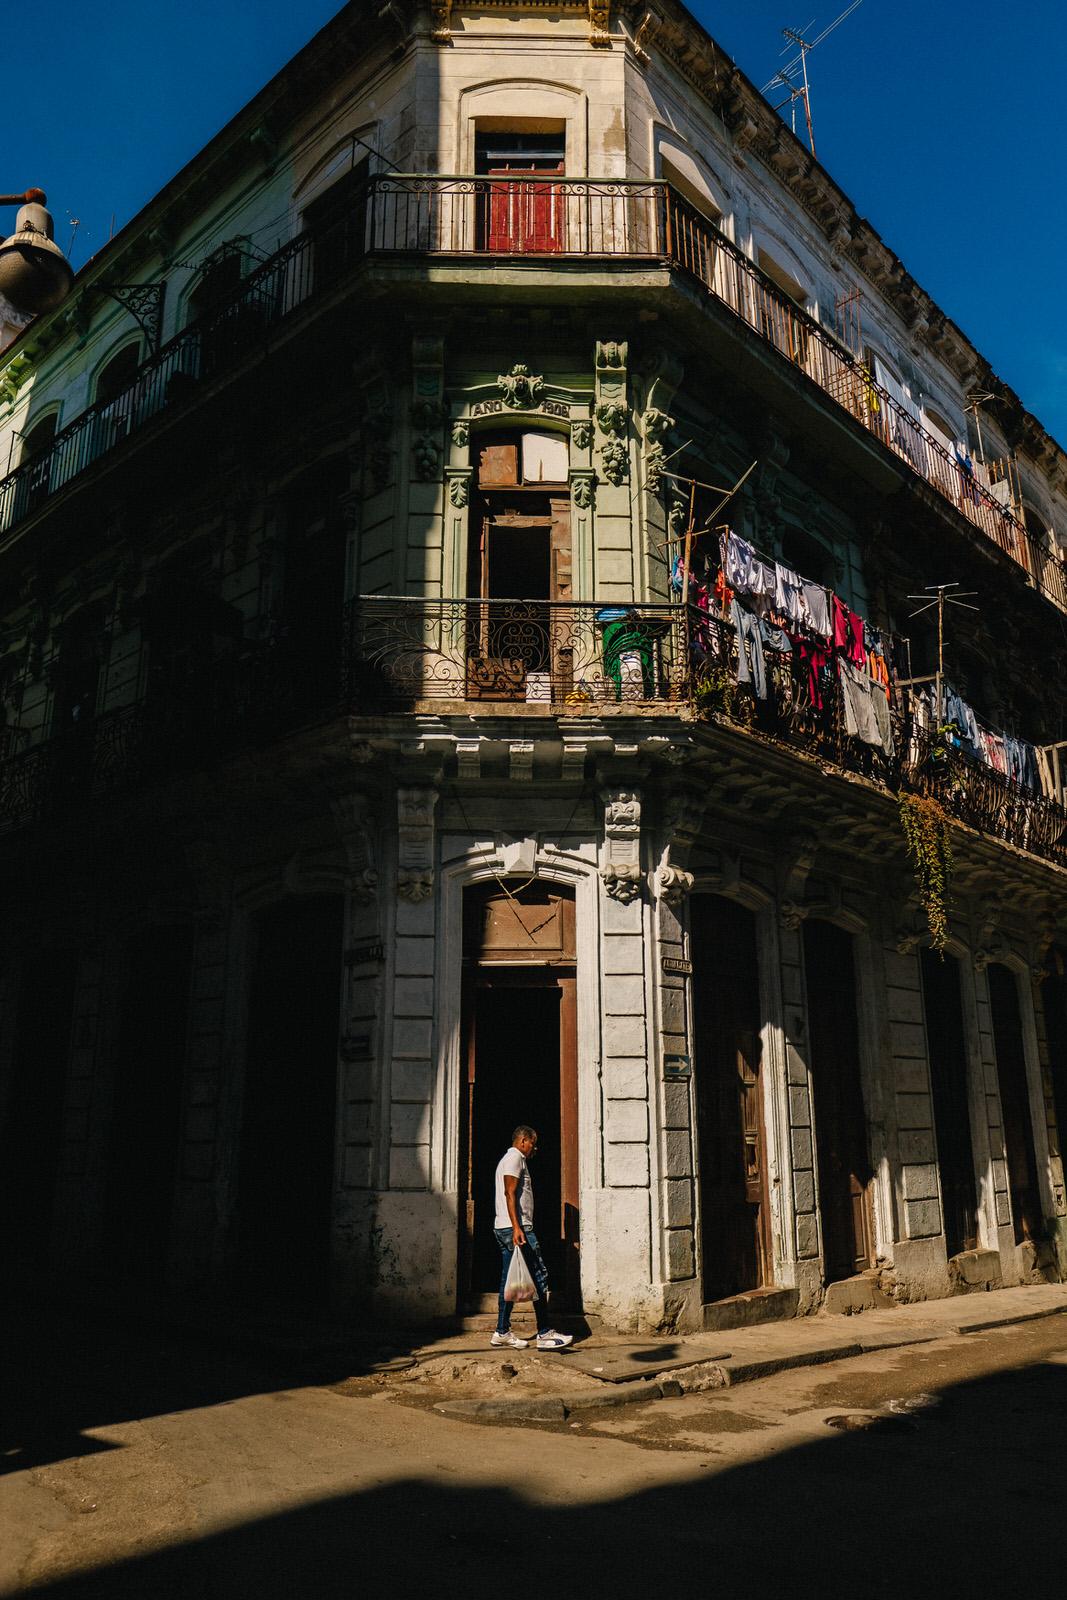 Cuba2019-588.jpg